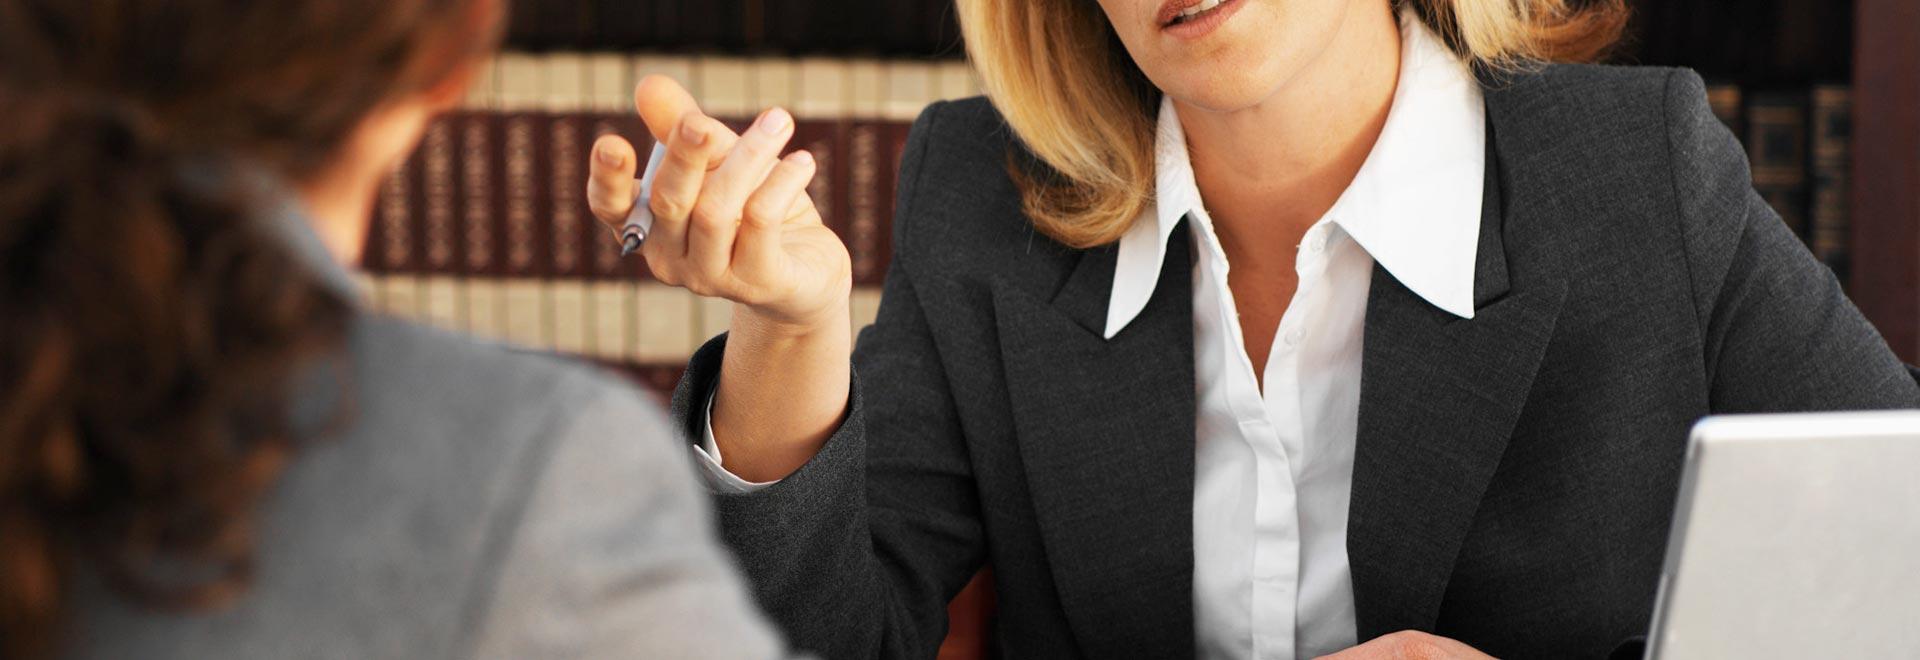 Votre avocat est accessible, il est concentré sur le conseil